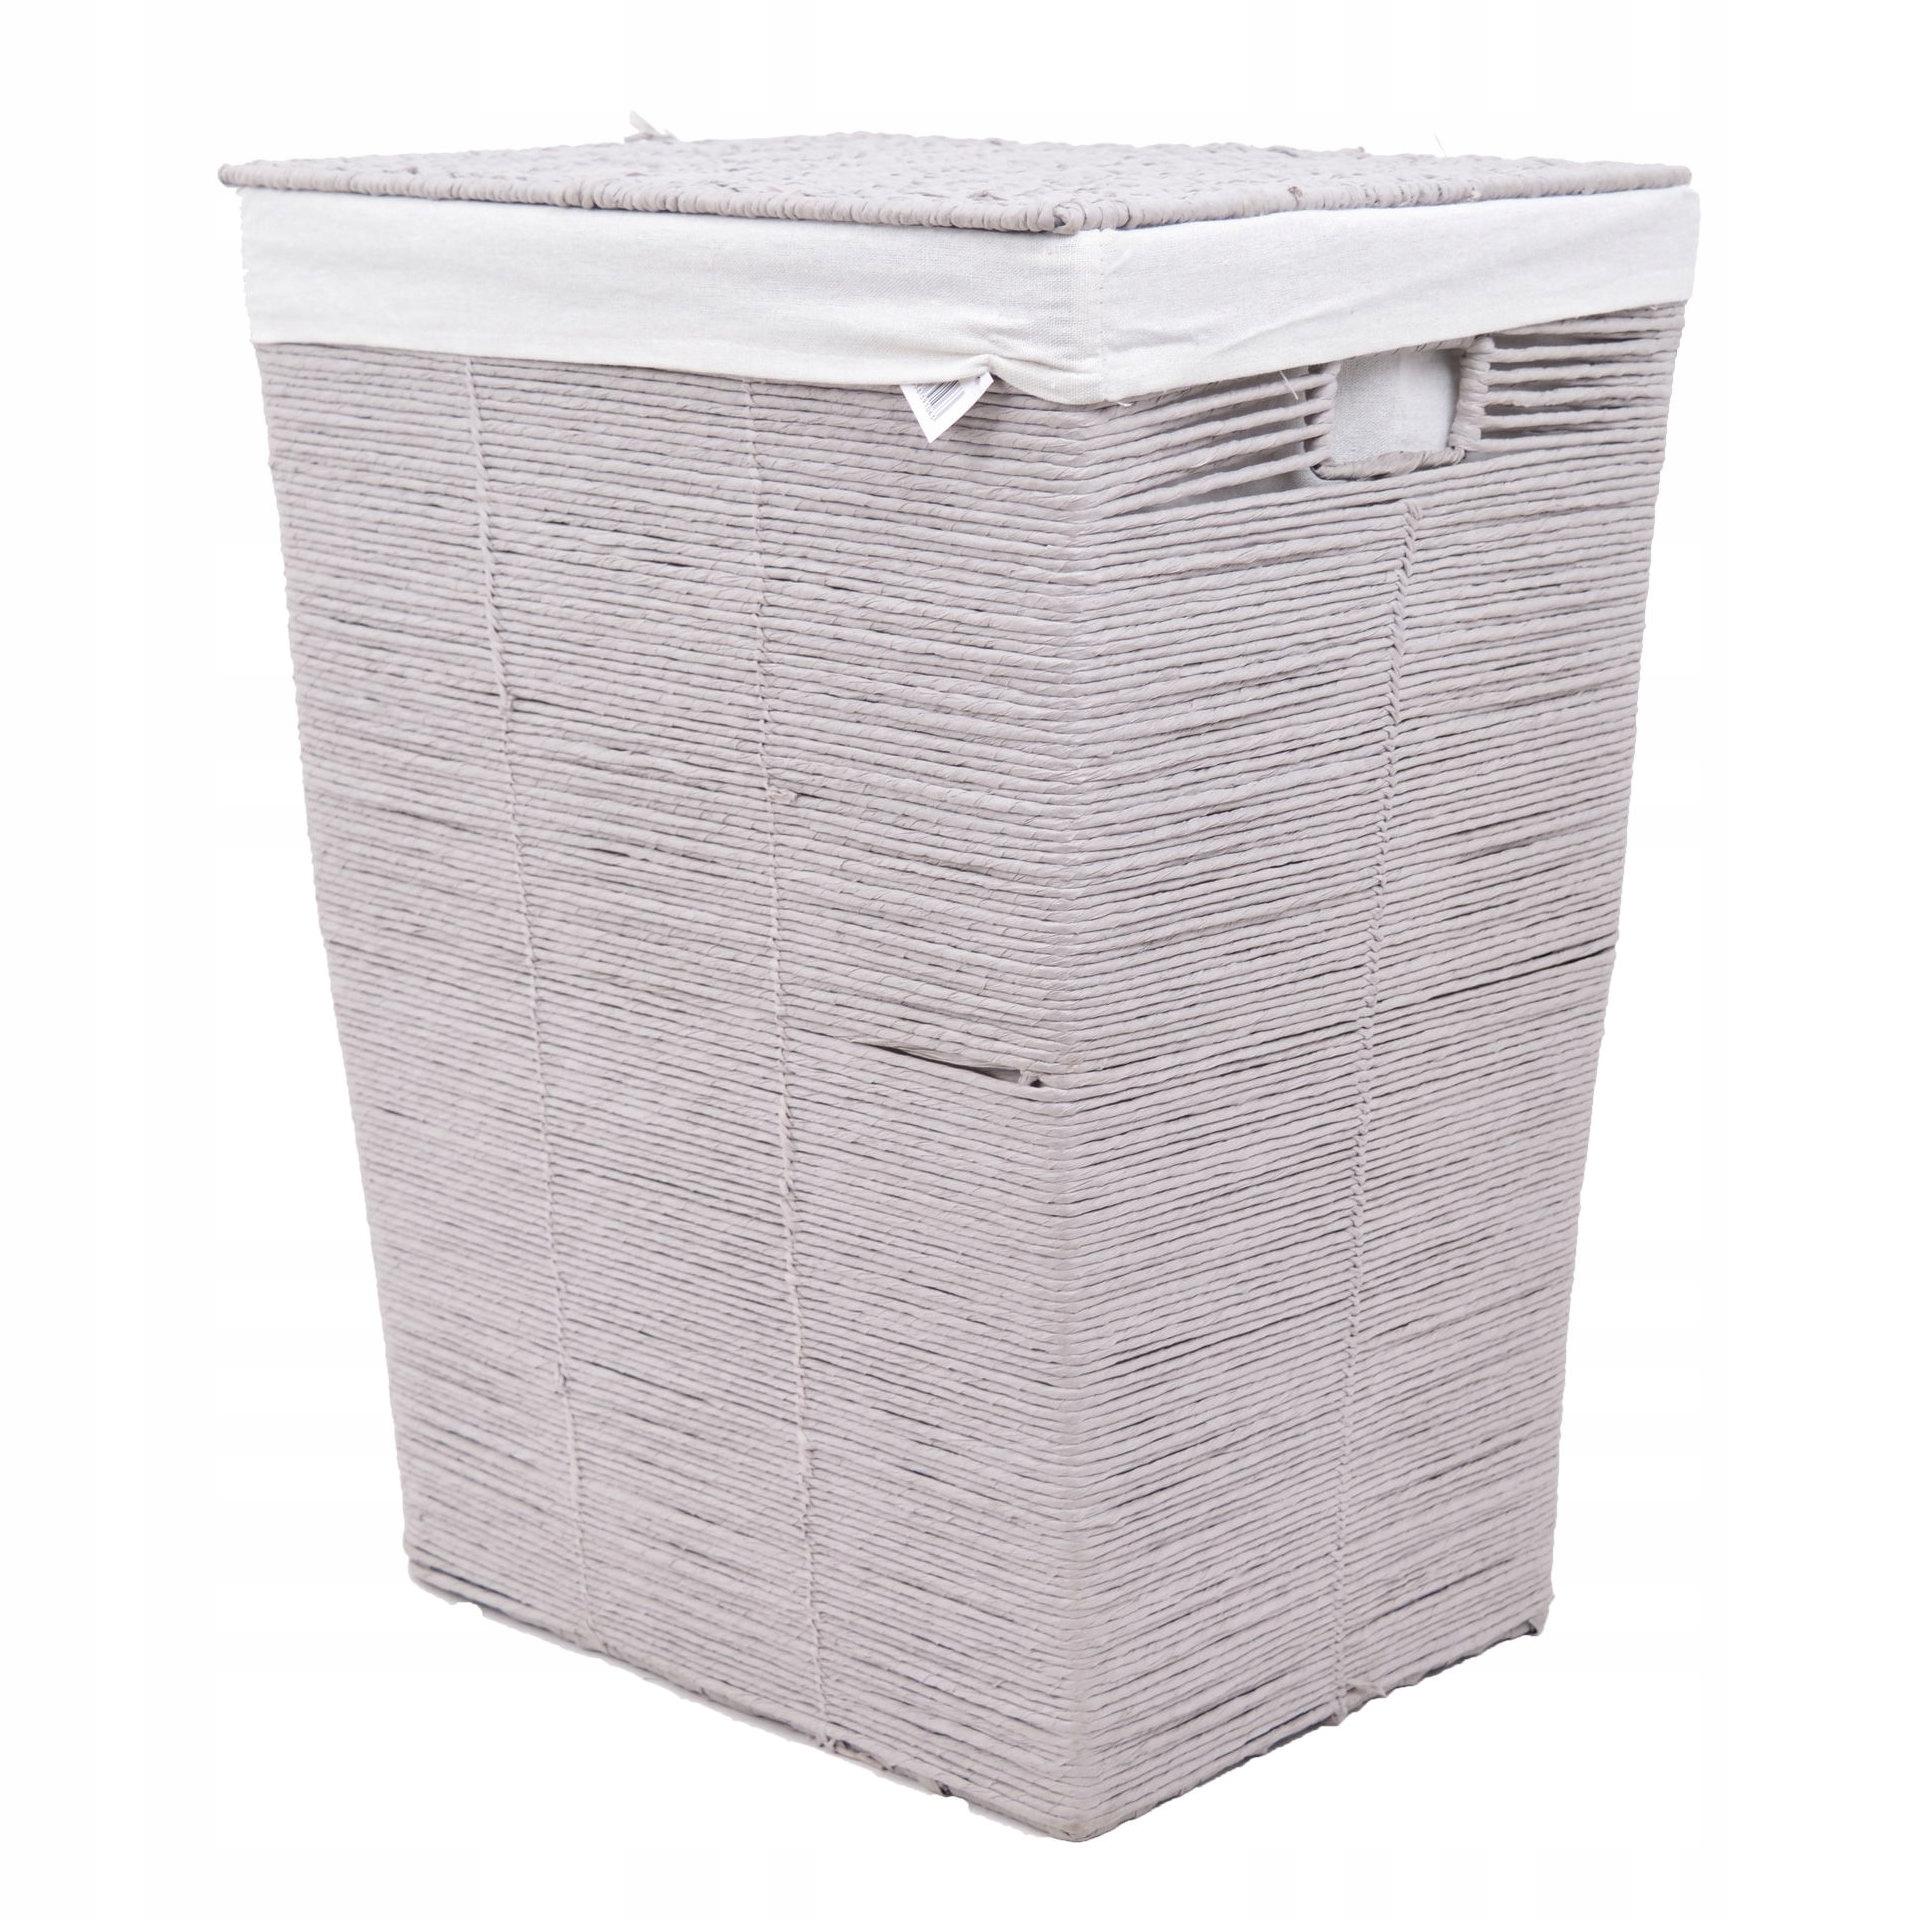 Prútený kôš na prádlo sivá nádoba pre kúpeľňu